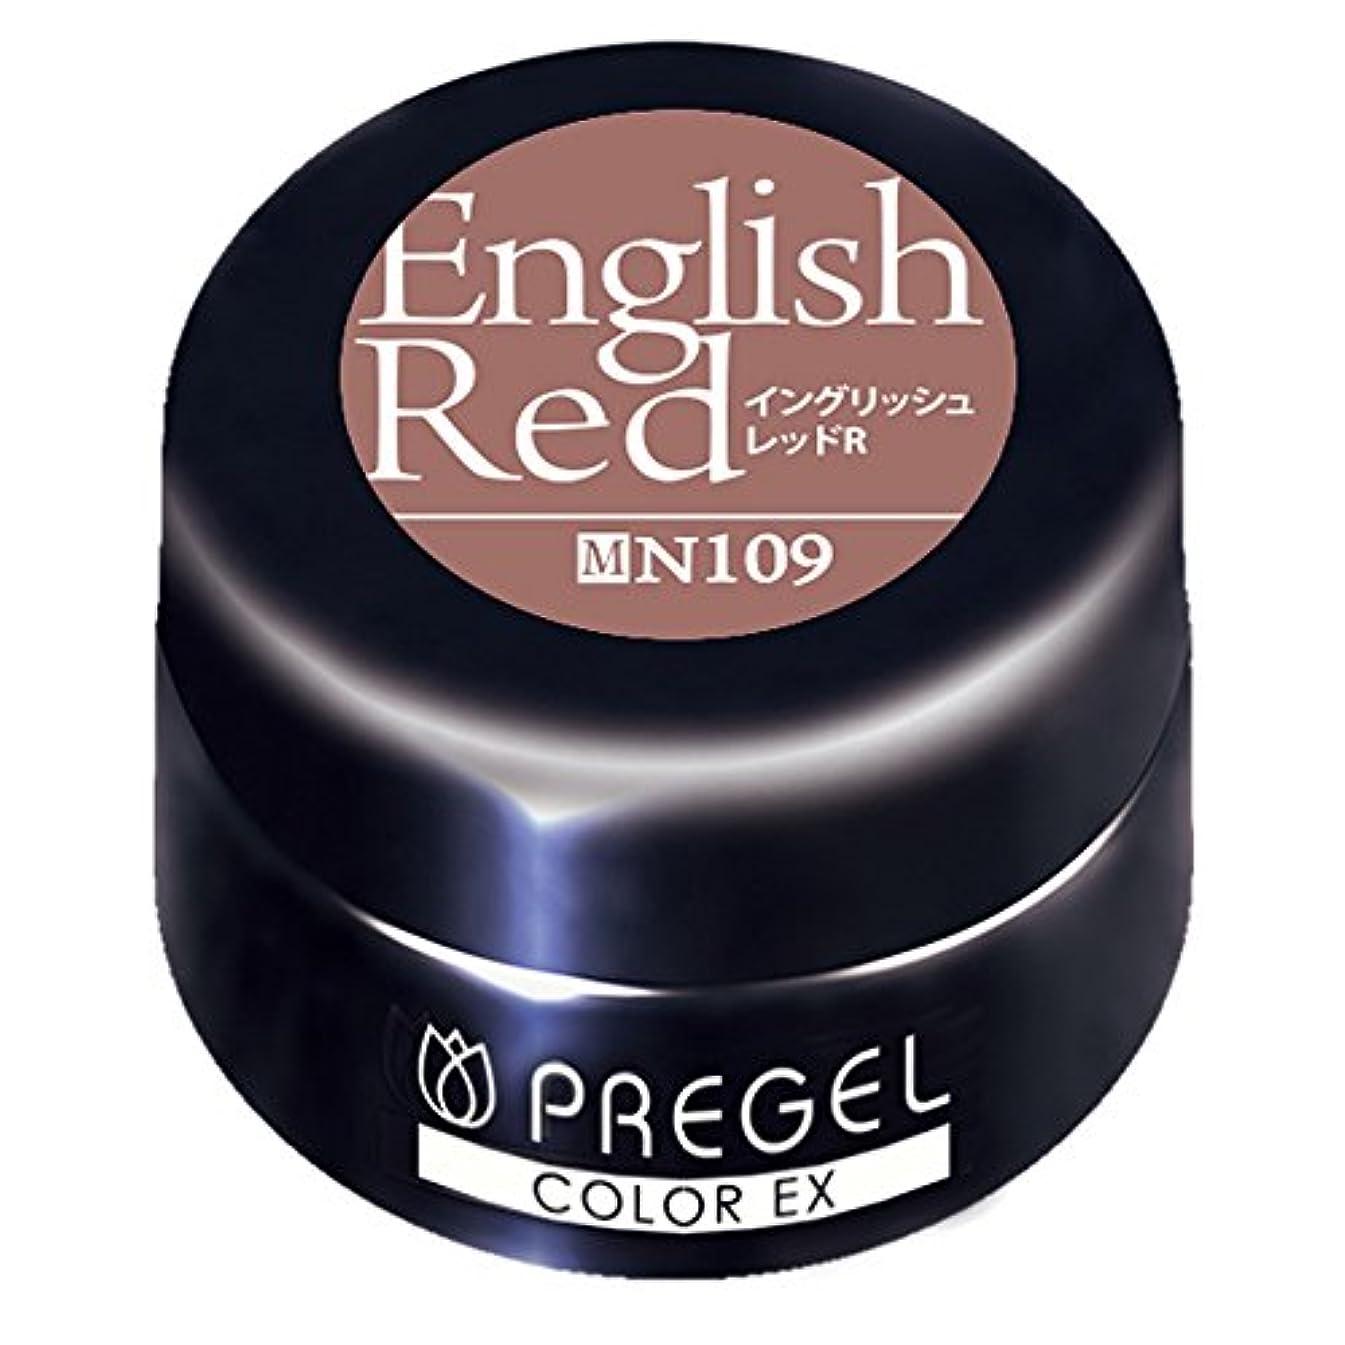 ダウンタウンジェットしかしPRE GEL カラージェル カラーEX イングリッシュレッド R109 3g UV/LED対応タイオウ